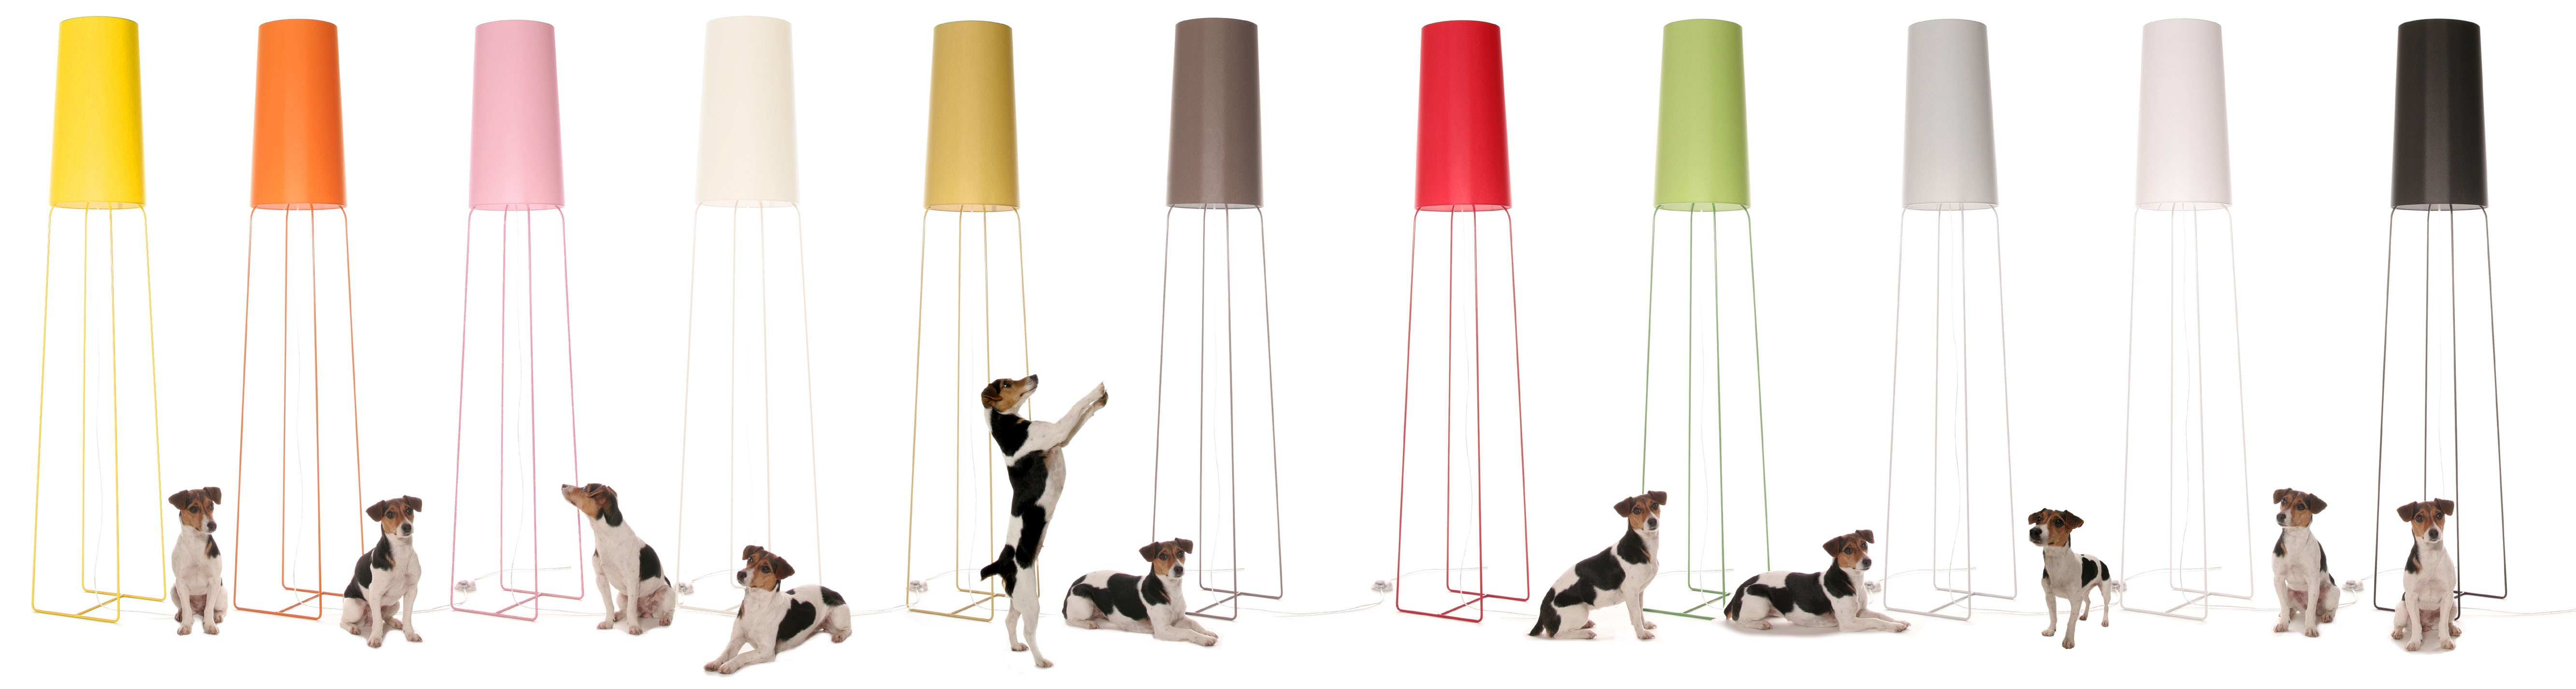 slimsophie carrerouge luminaires et mobilier de design lampes lighting. Black Bedroom Furniture Sets. Home Design Ideas